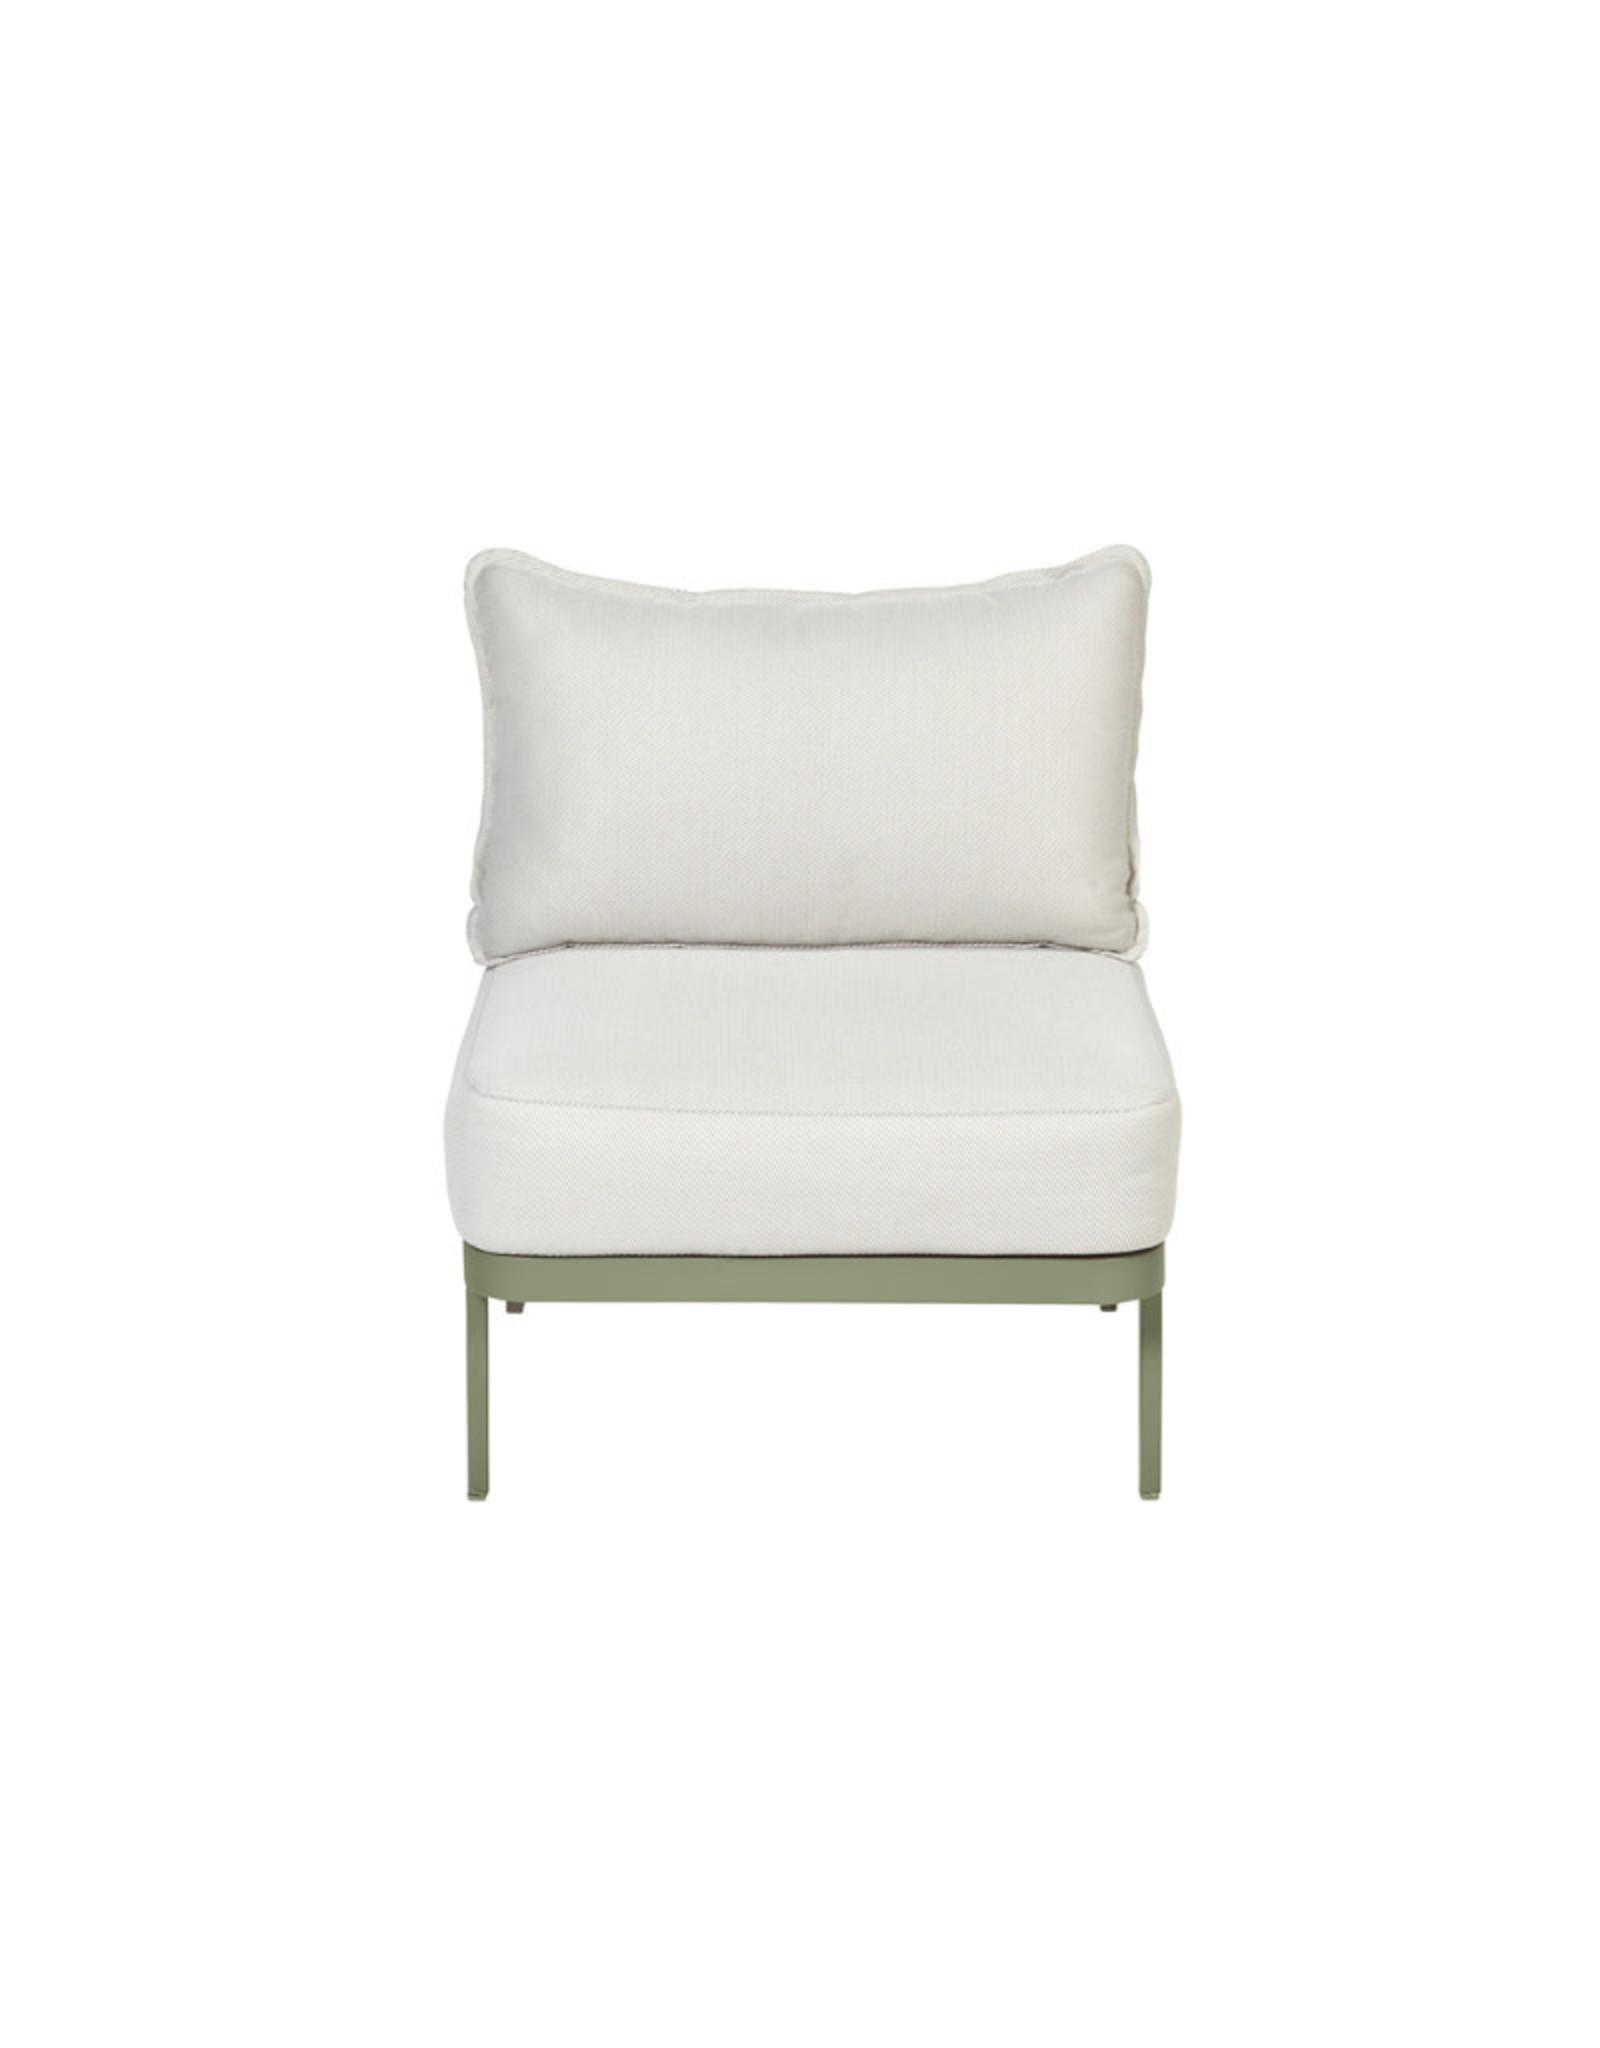 Tierra Outdoor Tierra Outdoor Pep Lounge Tussenelement Soft Green